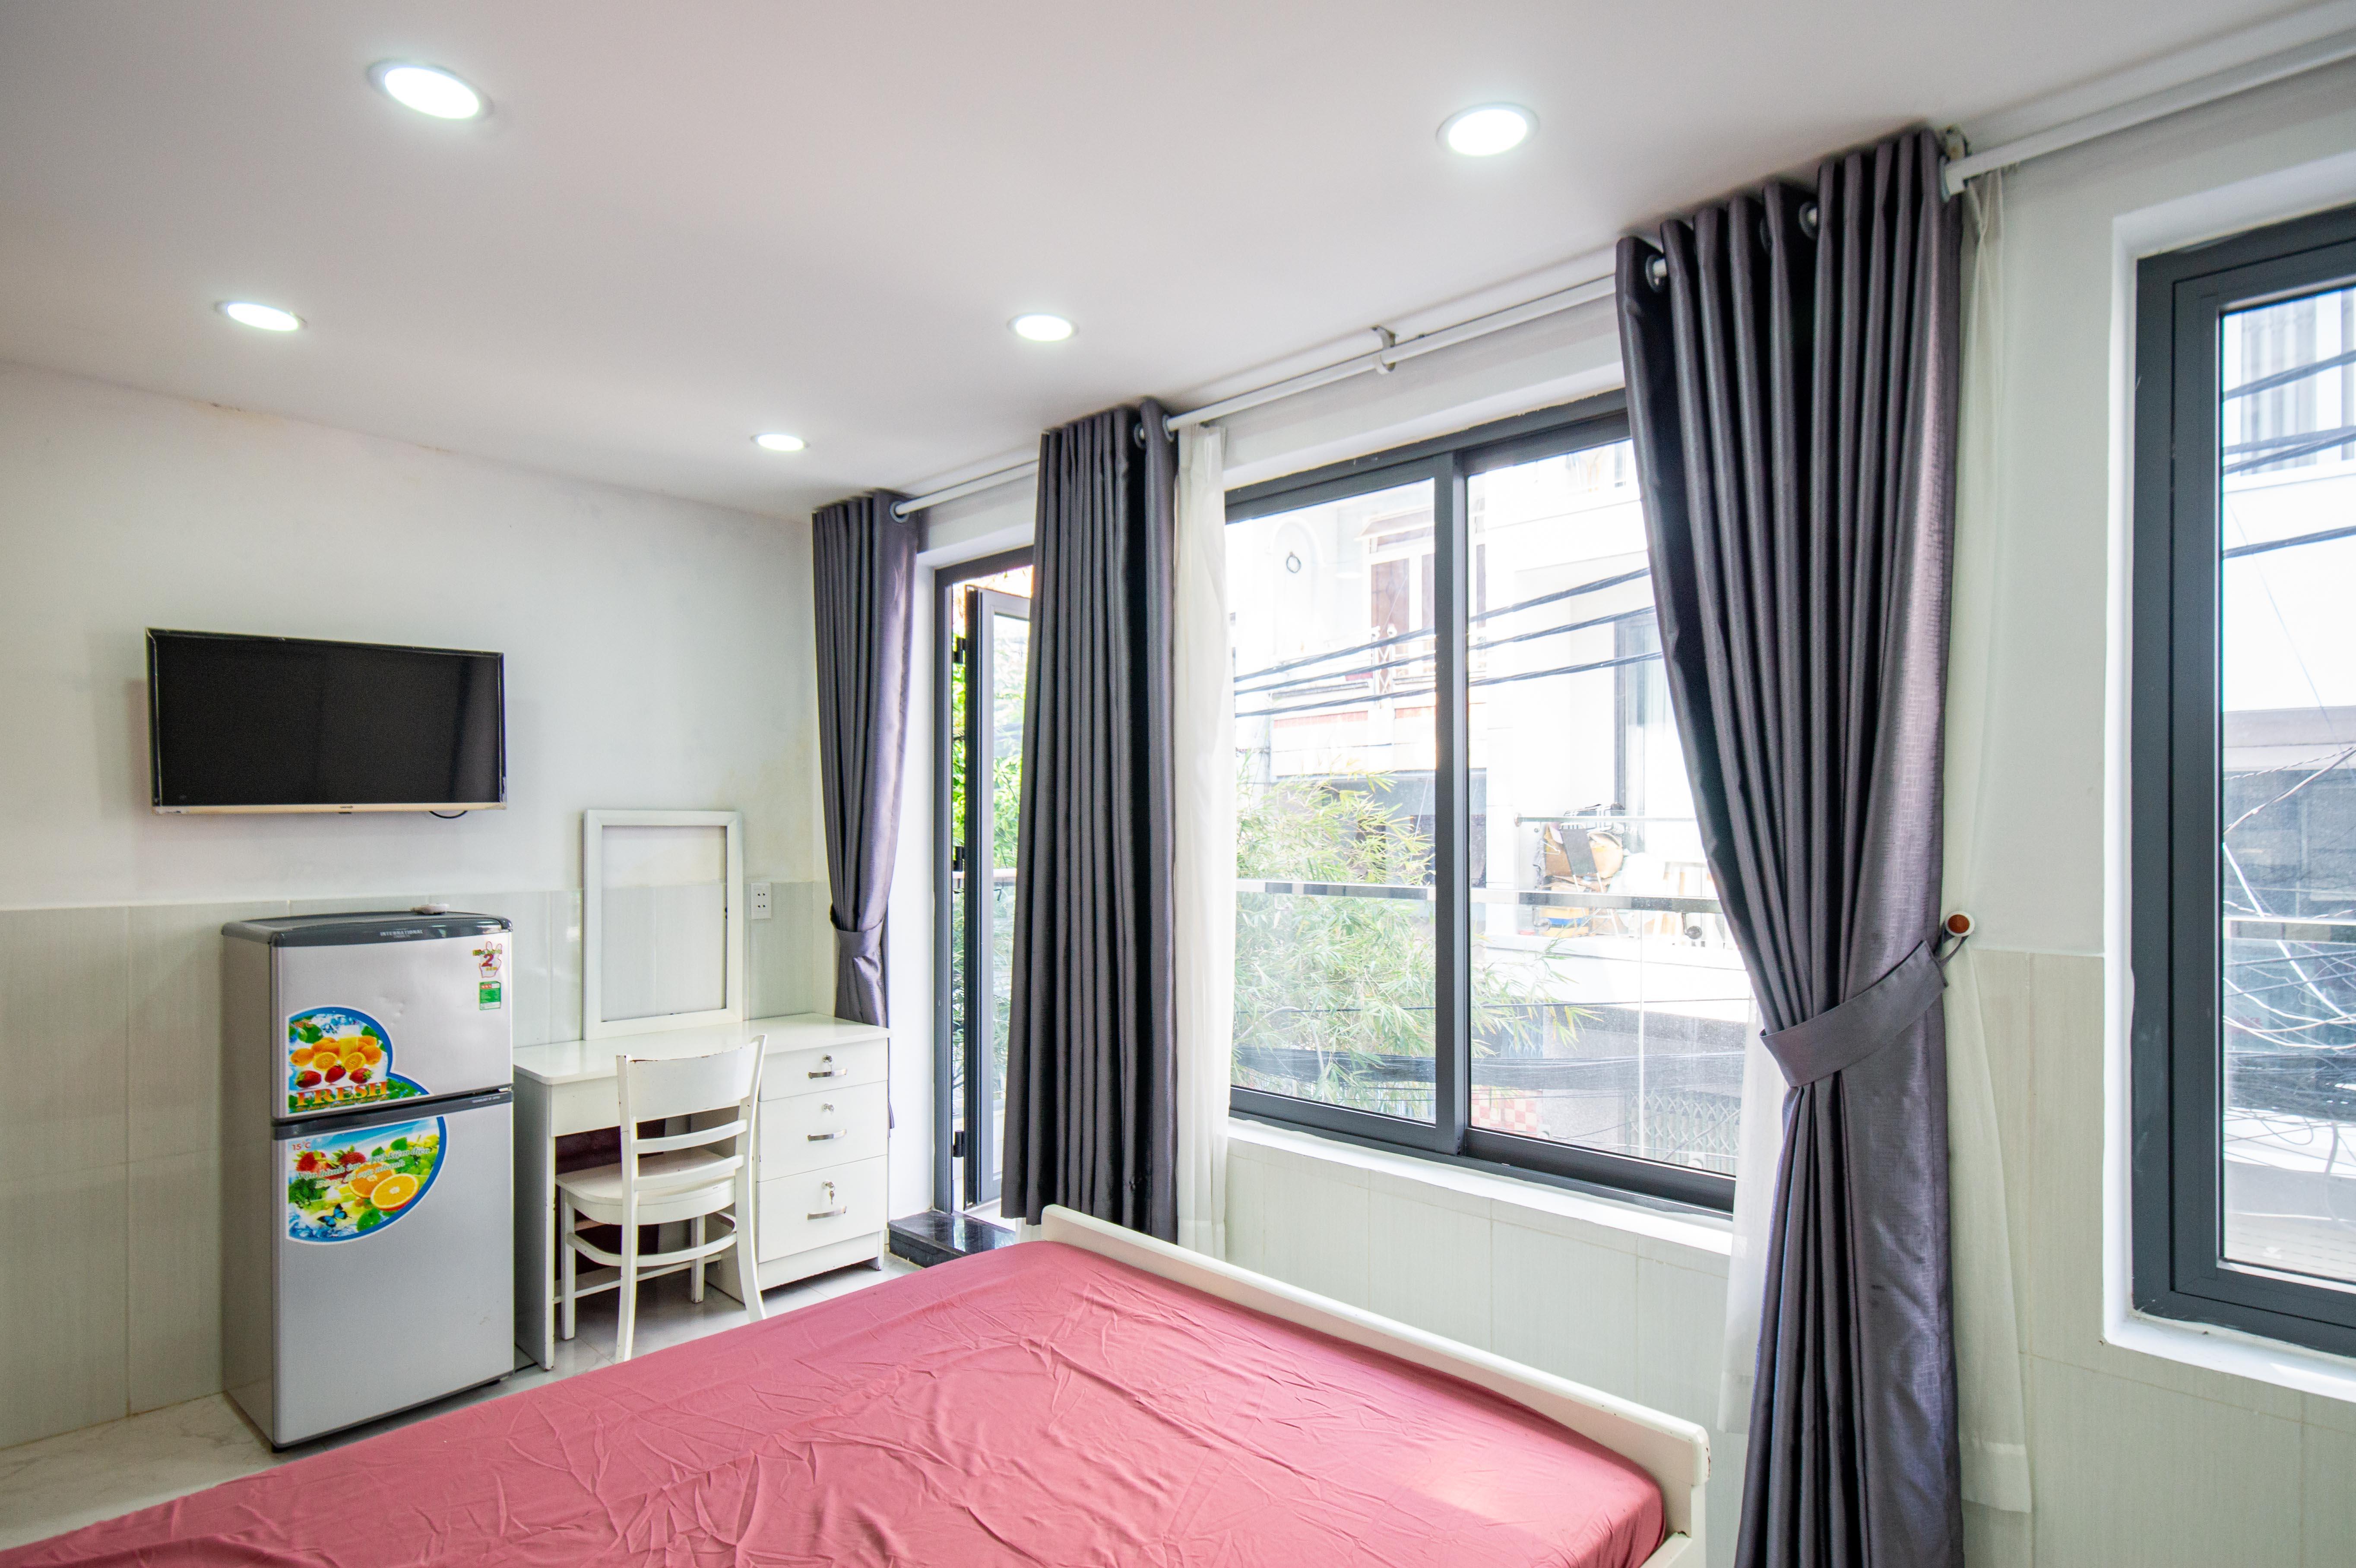 Cho Thuê Căn hộ 1 PN Trần Văn Đang Apartment - Ban Công Rộng Rãi -3